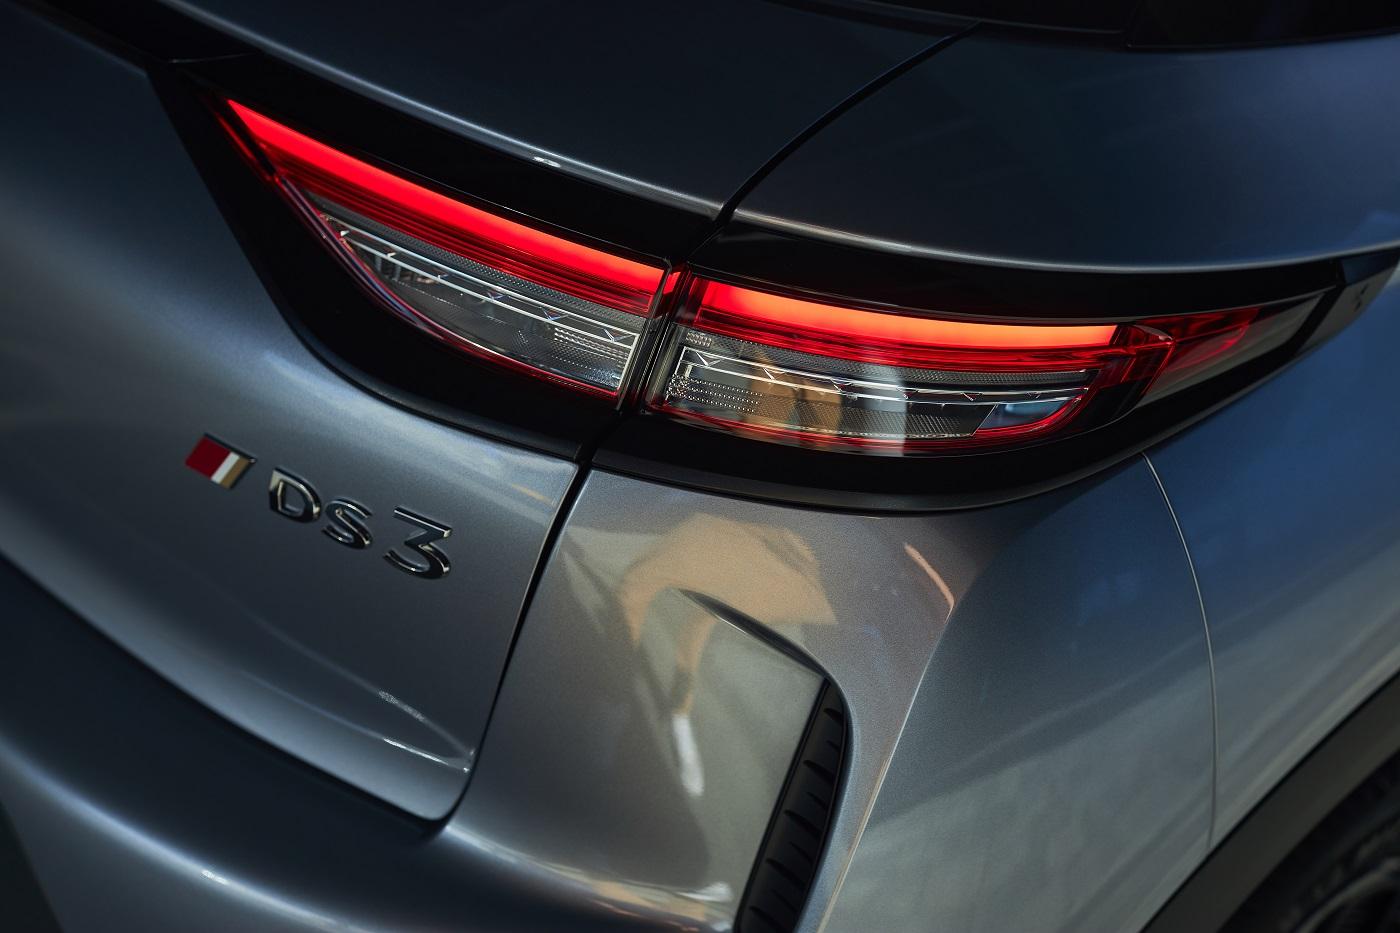 Ікона стилю «Хай-Тек» SUV DS 3 Crossback претендує на престижний титул «Автомобіль року в Україні 2021»